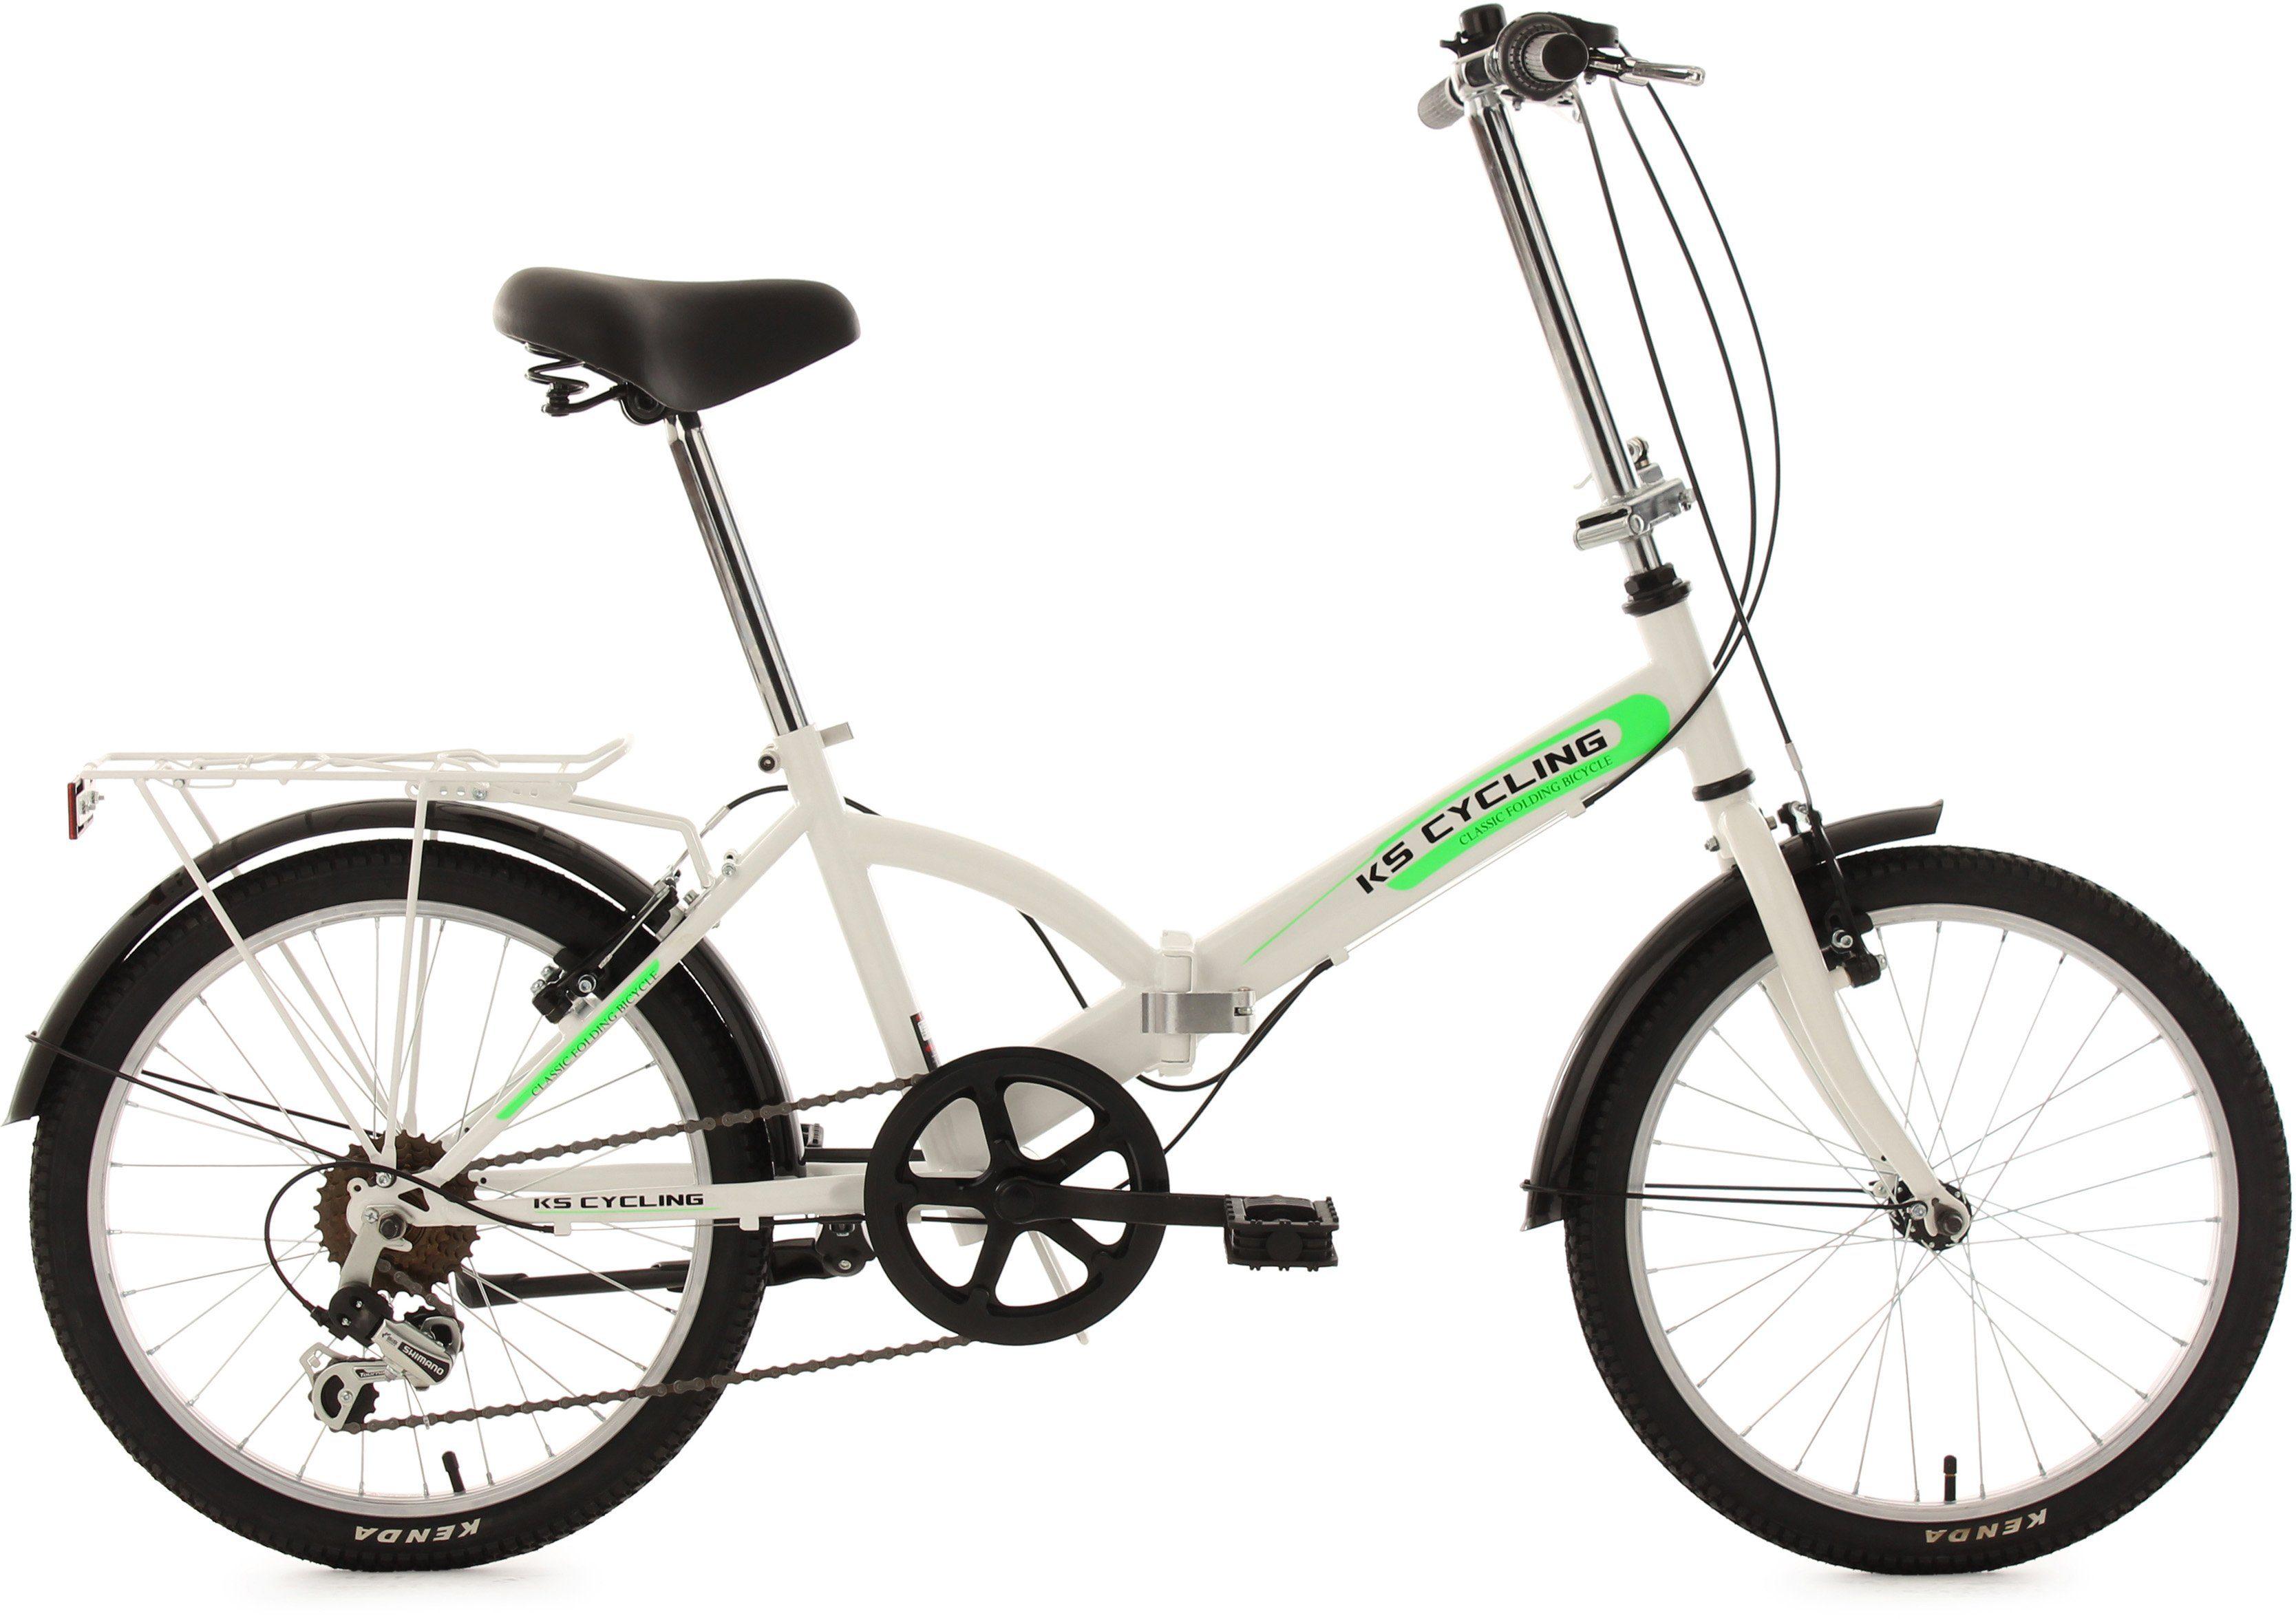 KS Cycling Faltrad, 20 Zoll, weiß, 6 Gang Kettenschaltung, »Classic«